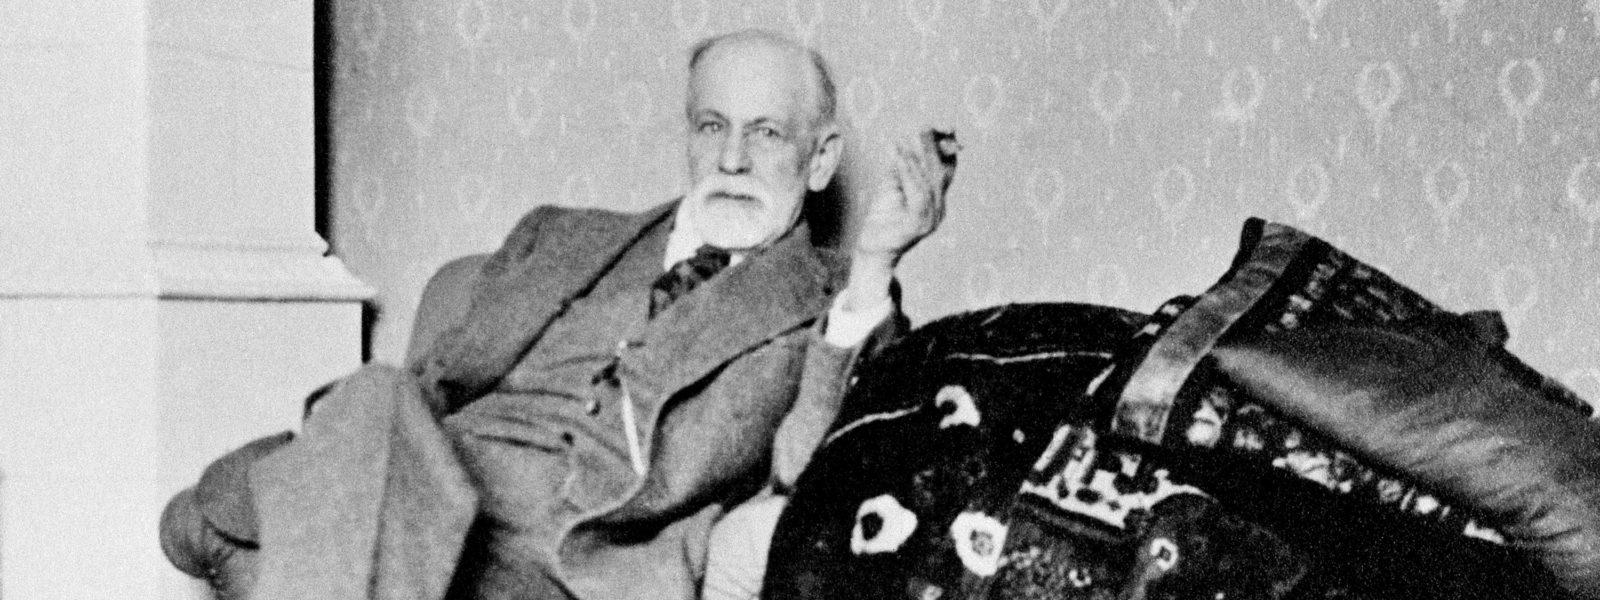 Sigmund Freud, 1933